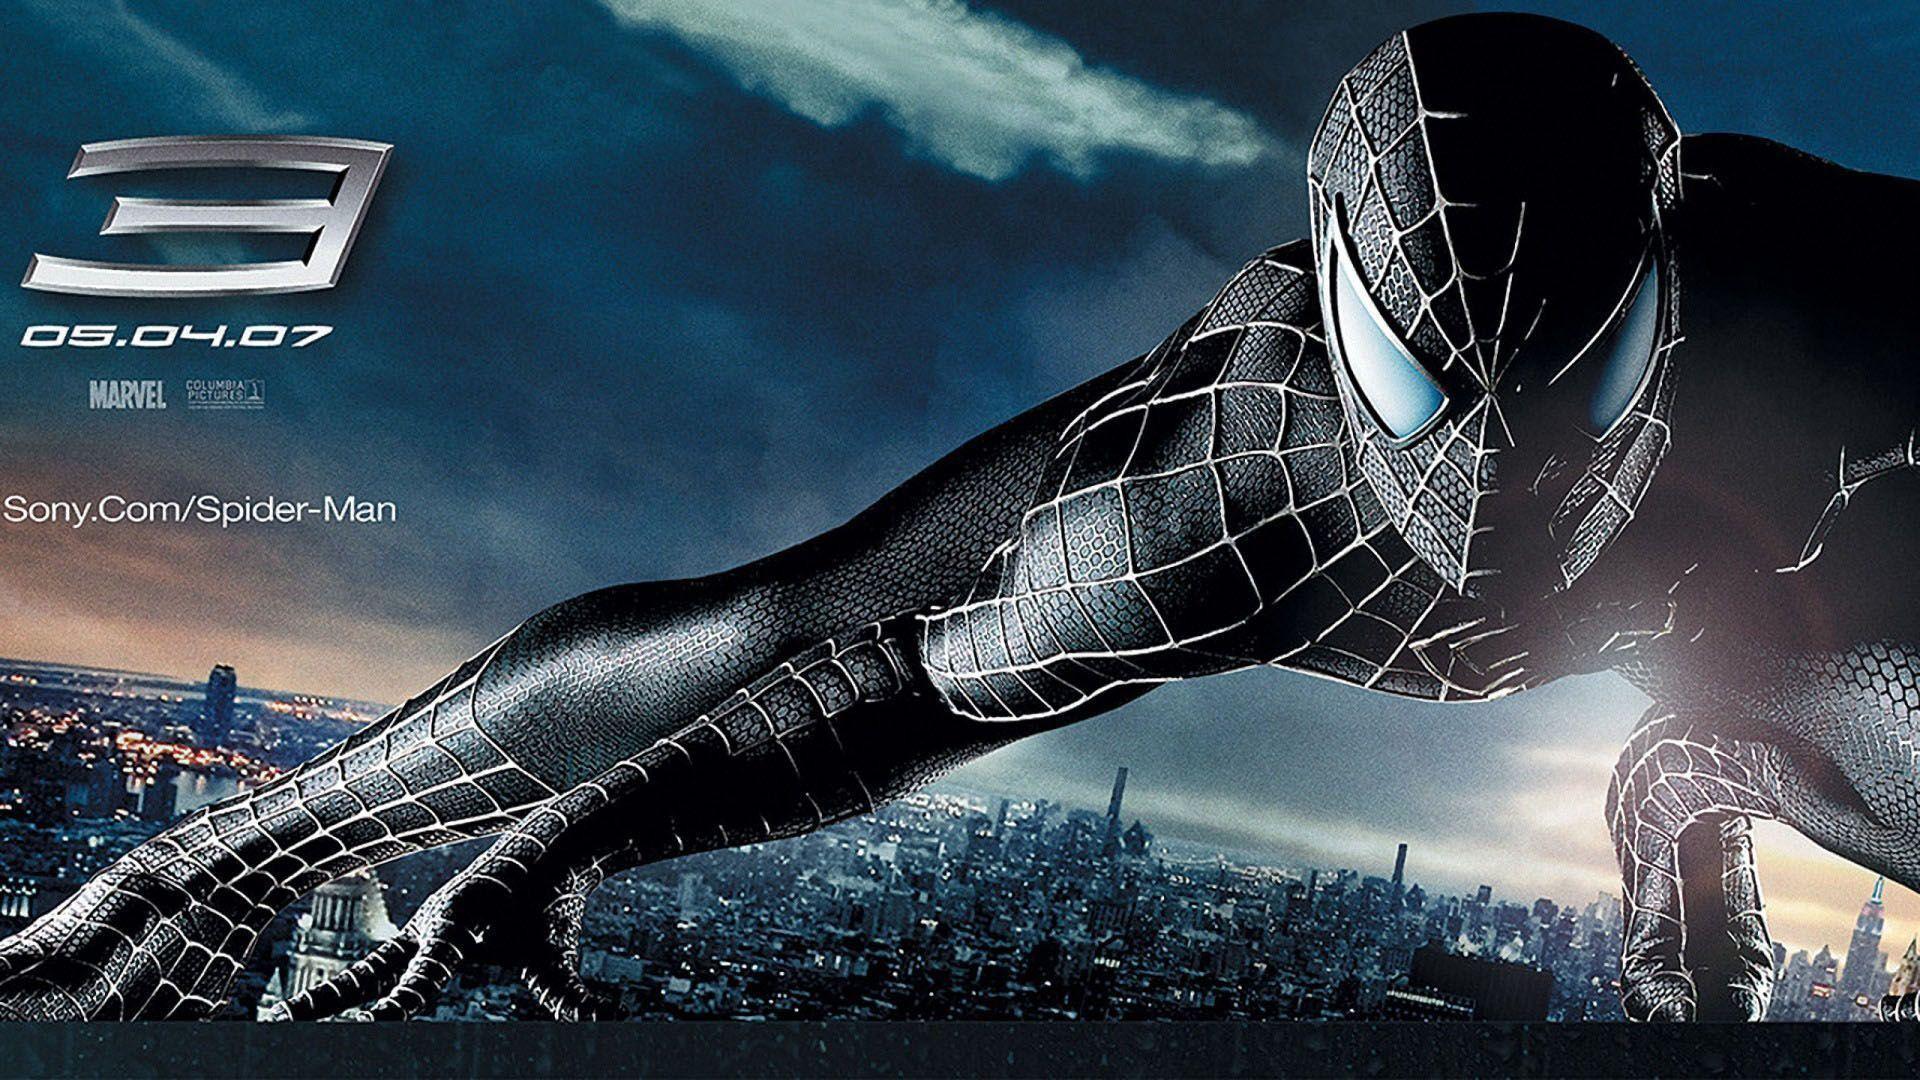 Spiderman 10 Wallpaper - Spiderman Black Full Hd - HD Wallpaper